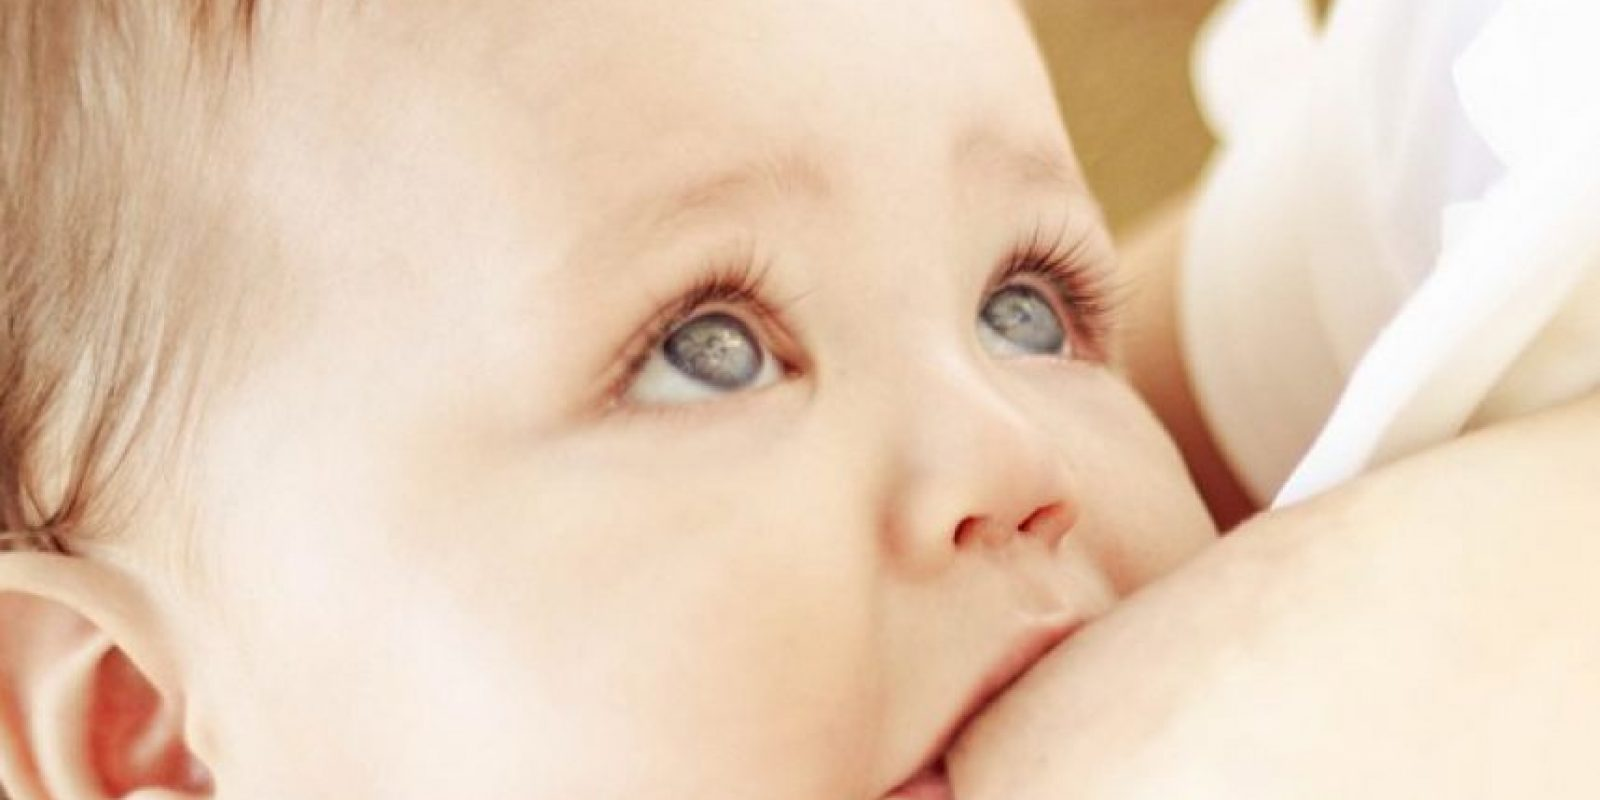 El darle de comer al bebé mediante la lactancia hace que la mujer pierda bastantes calorías, lo cual influye en la pérdida de peso. Foto:Vía instagram.com/cheeryviruet